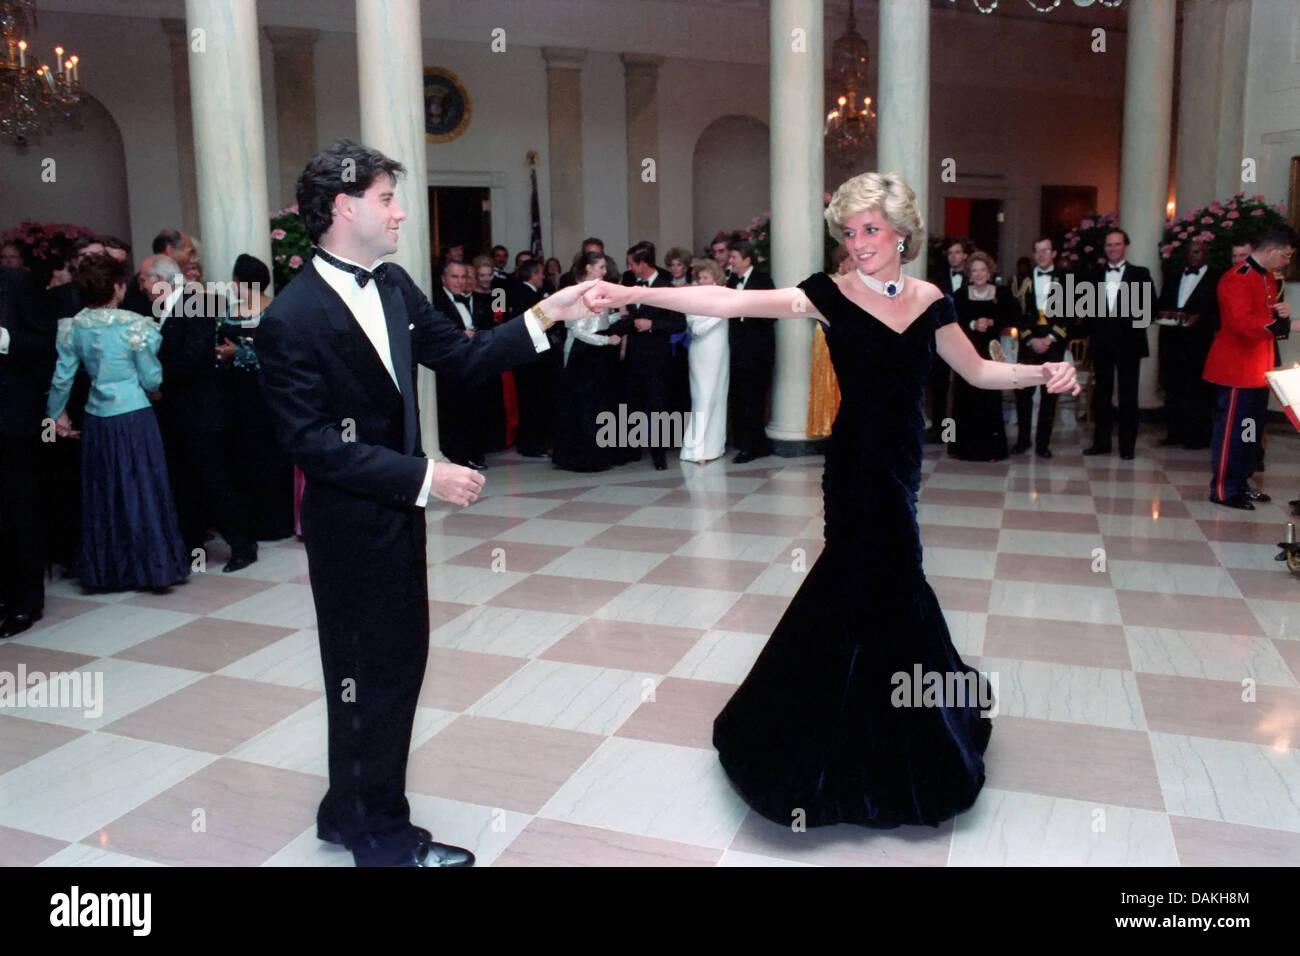 Diana, Princess of Wales Tänze mit dem Schauspieler John Travolta beim White House Gala Dinner 9. November 1985 in Washington, DC. Stockfoto